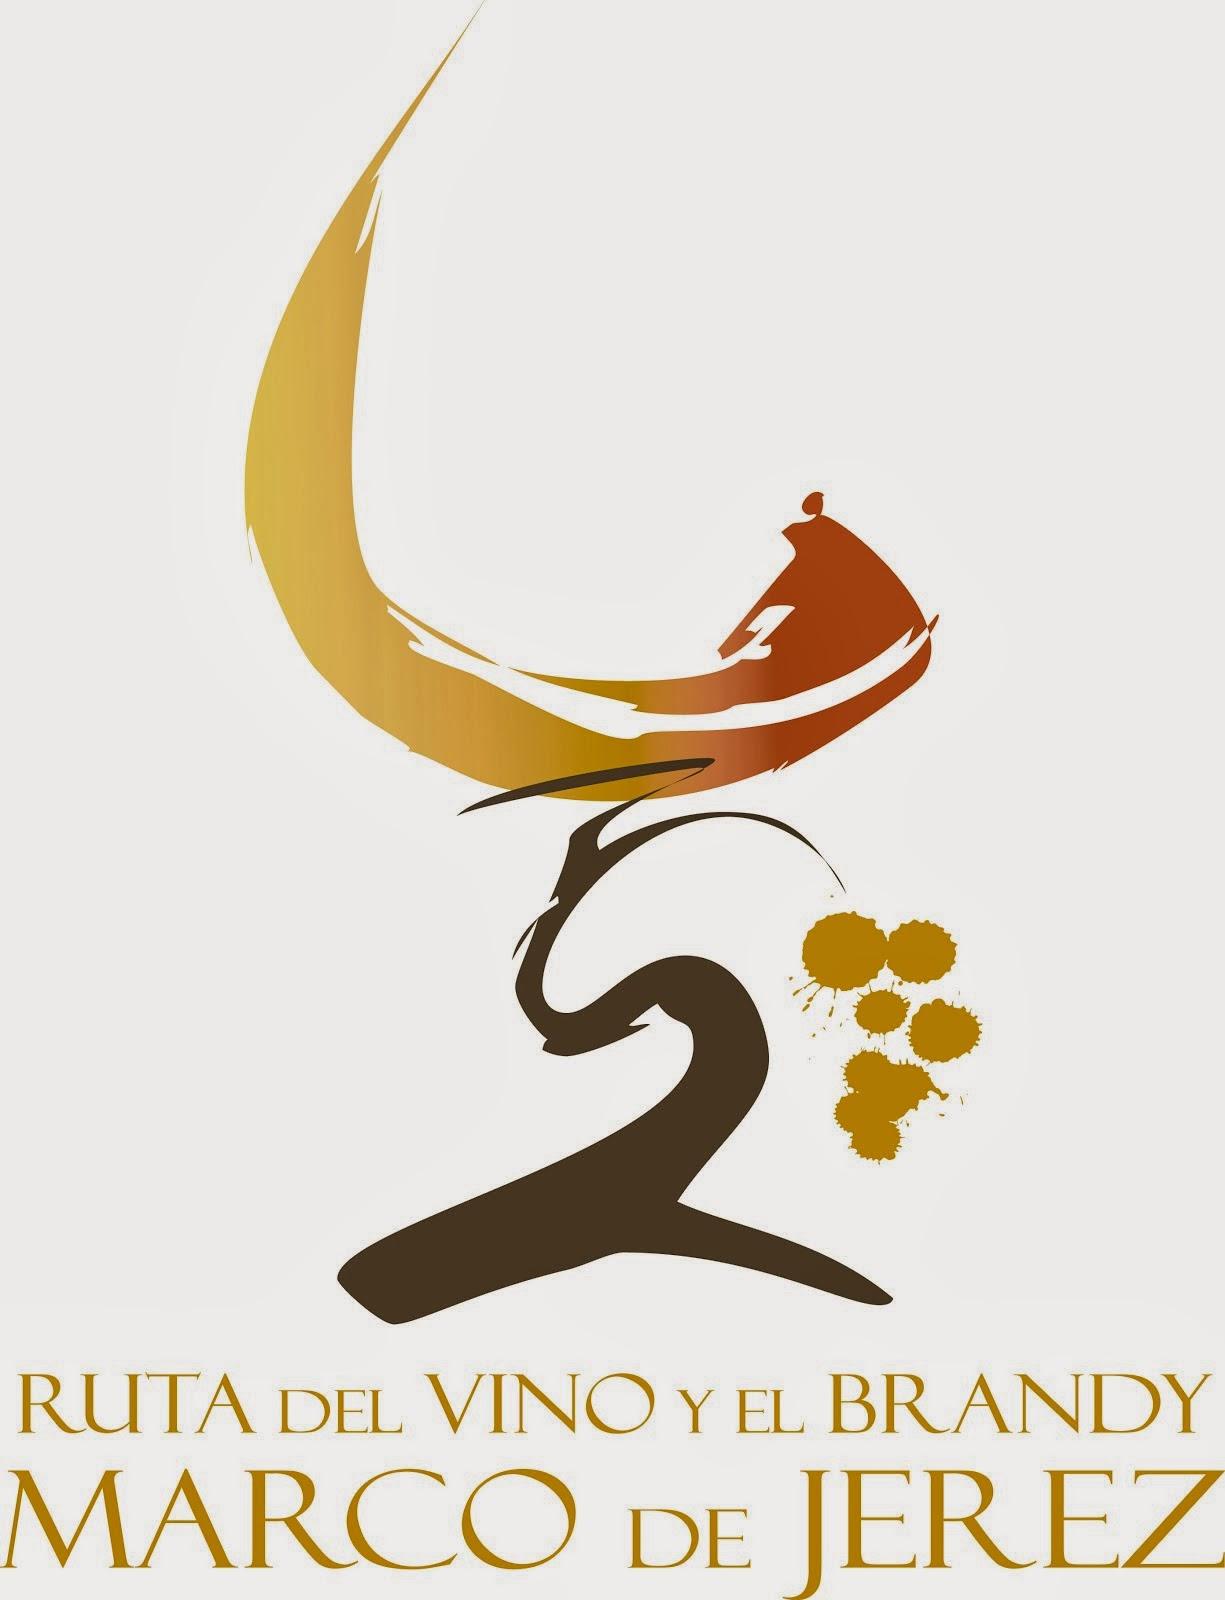 Ruta del Vino y el Brandy - Marco de Jerez